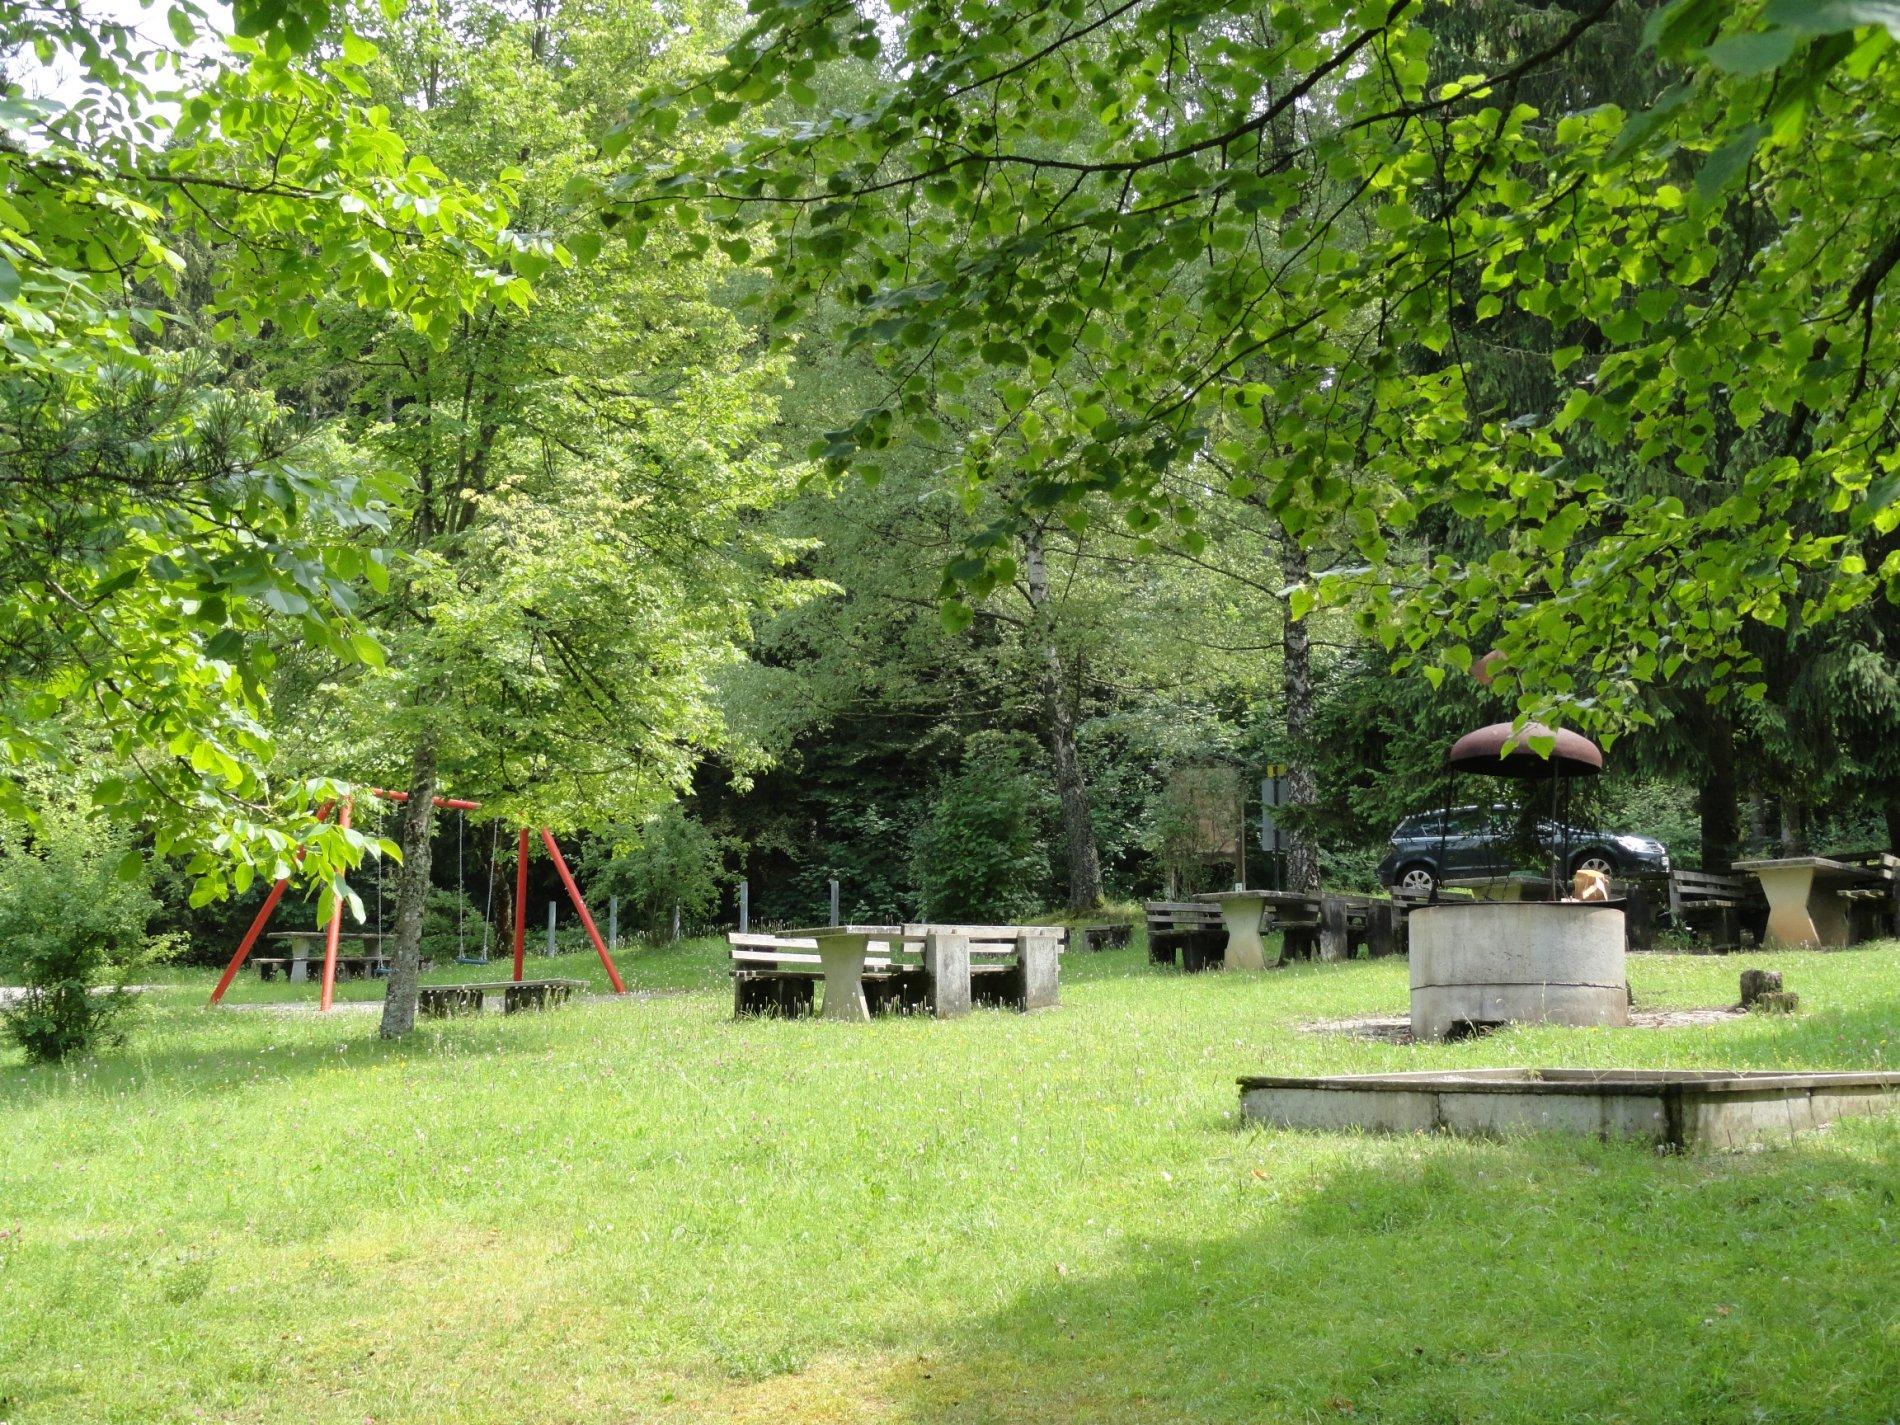 Wanderparkplatz mit Schaukel und Grillstelle mitten im Grünen